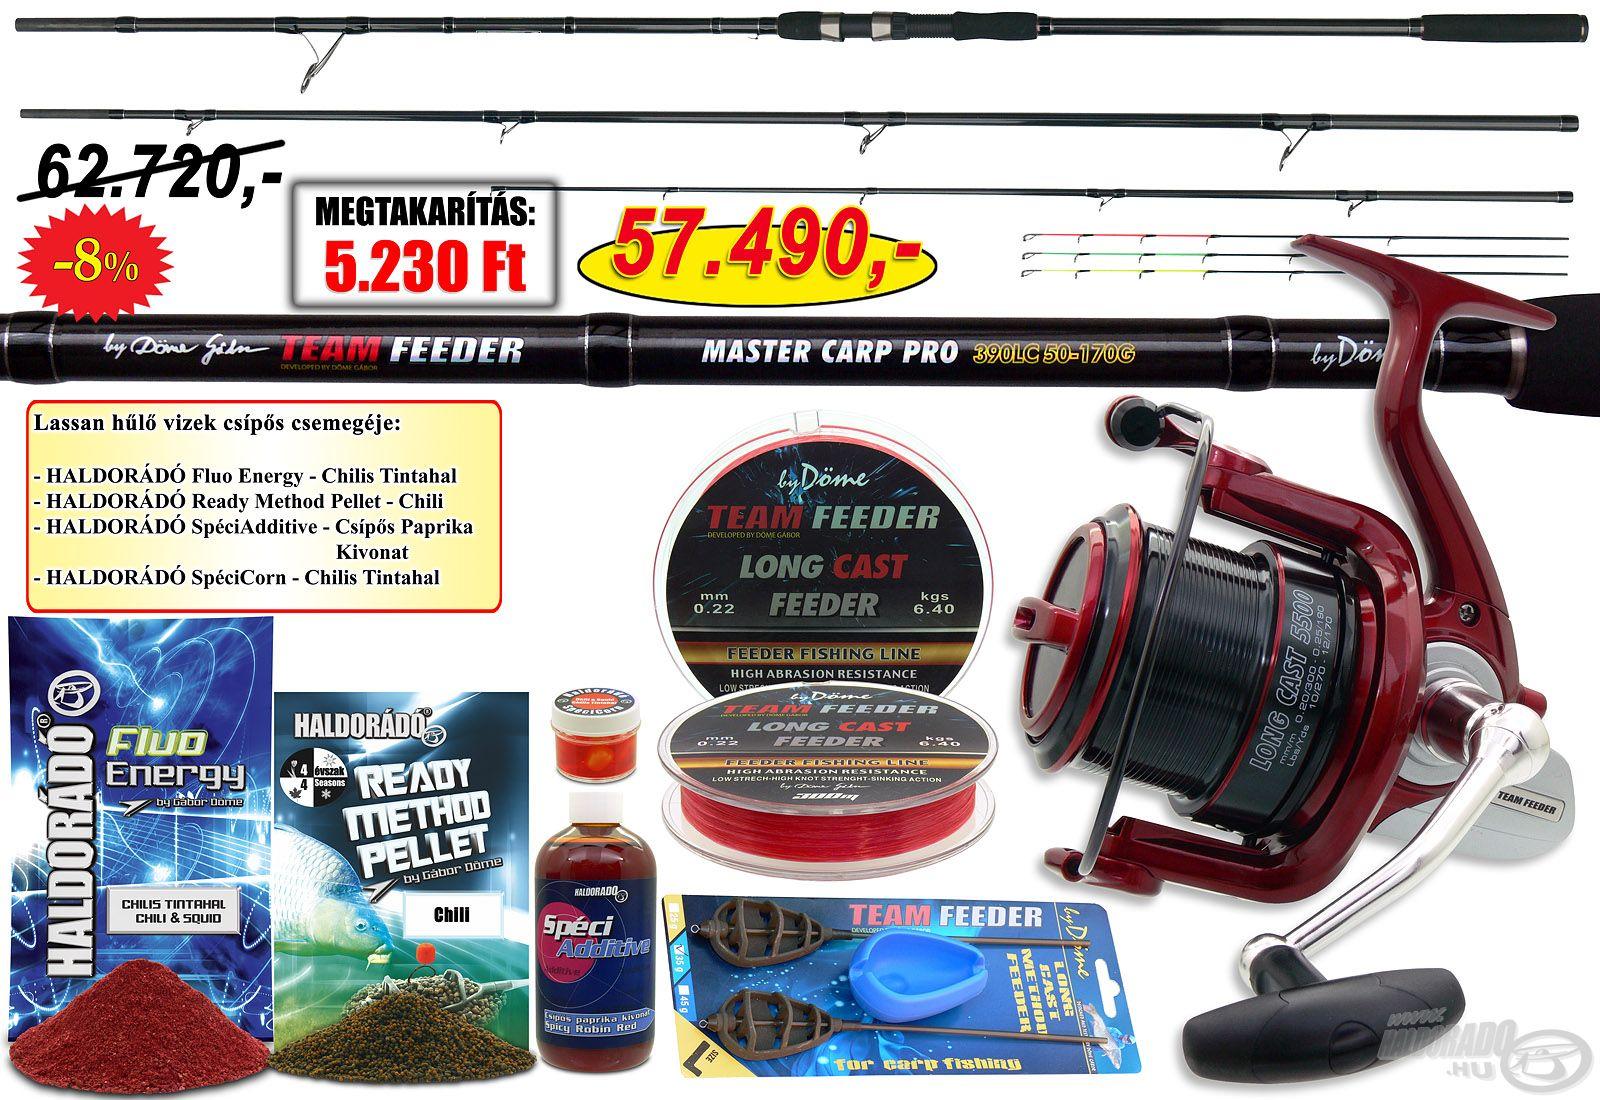 Ezt a szettet a távdobó feeder horgászat szerelmeseinek ajánljuk!